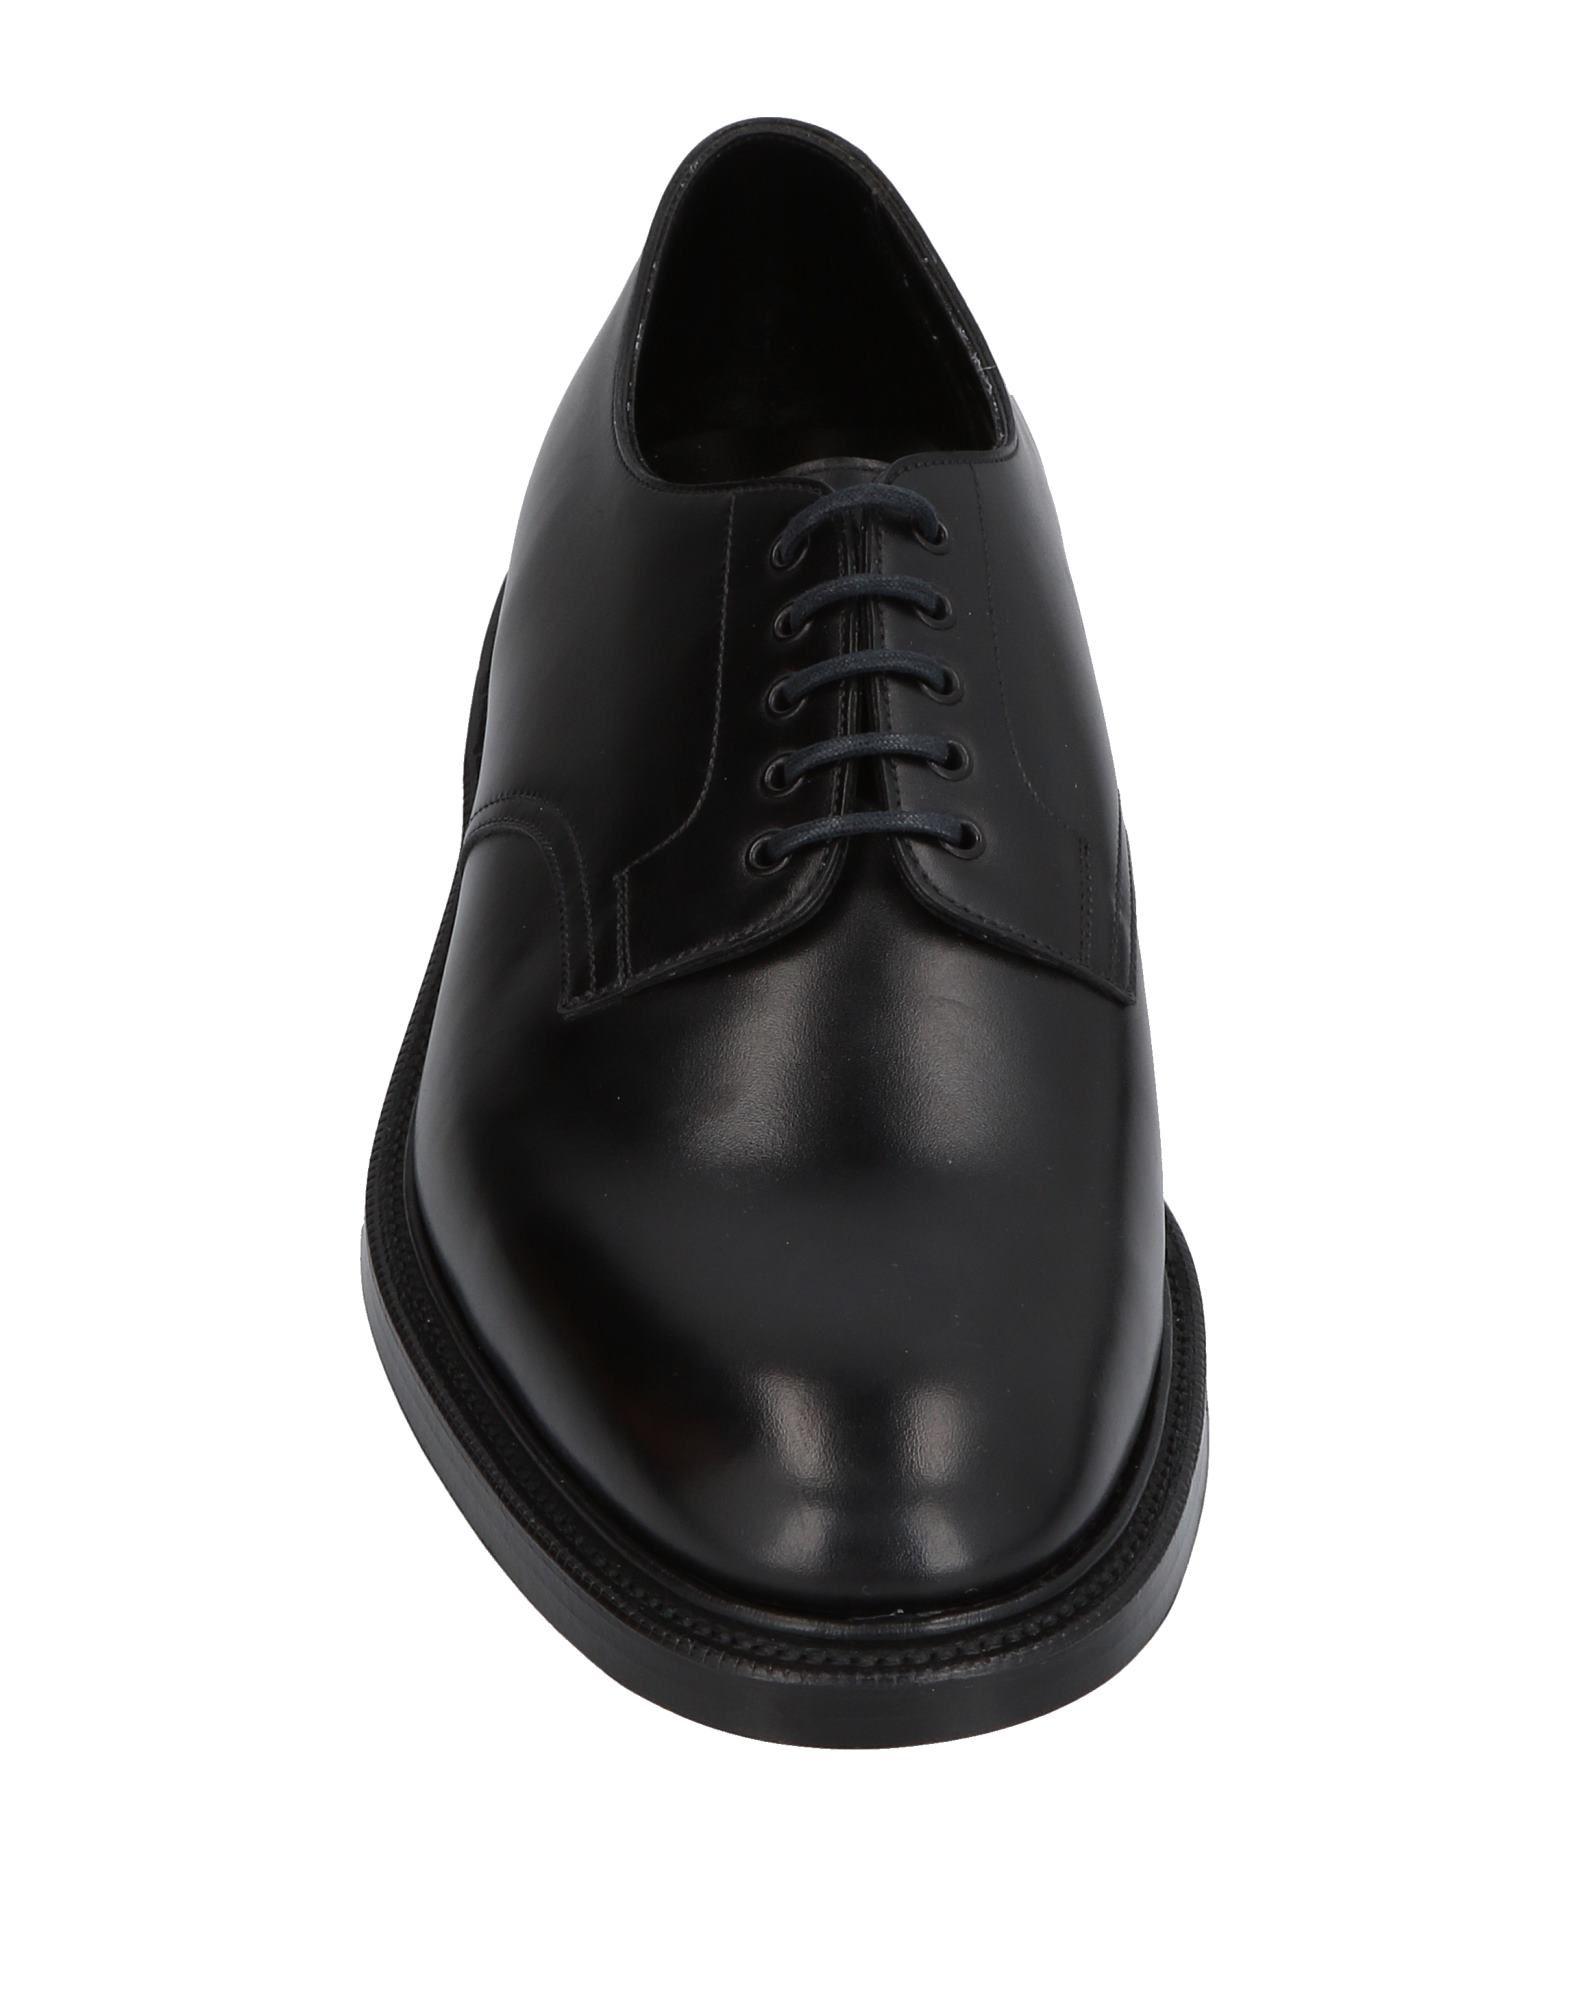 Mackintosh 11455637WC Schnürschuhe Herren  11455637WC Mackintosh Gute Qualität beliebte Schuhe f327a7